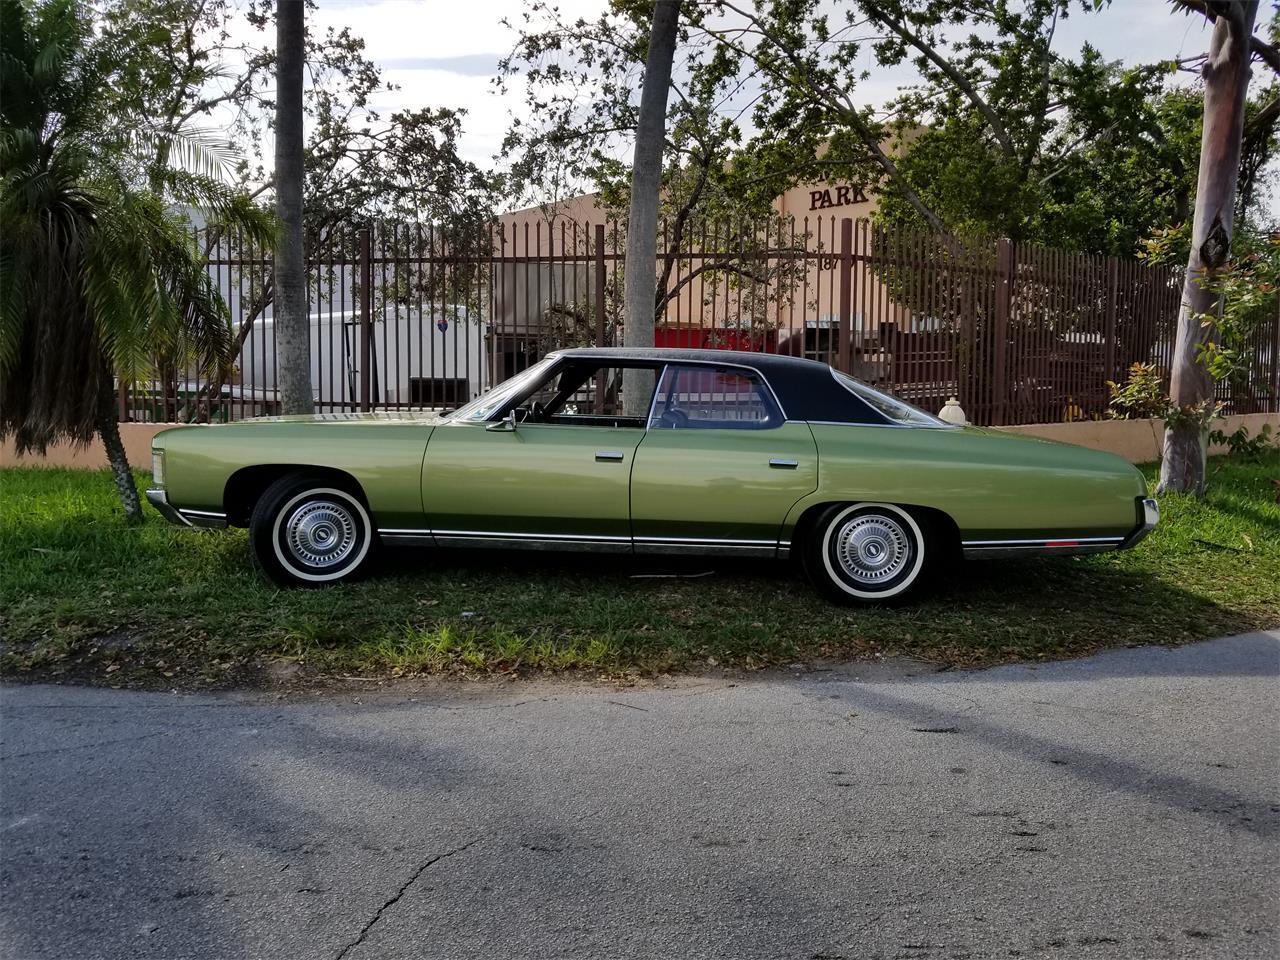 1971 Chevrolet Impala For Sale Classiccars Com Cc 1097522